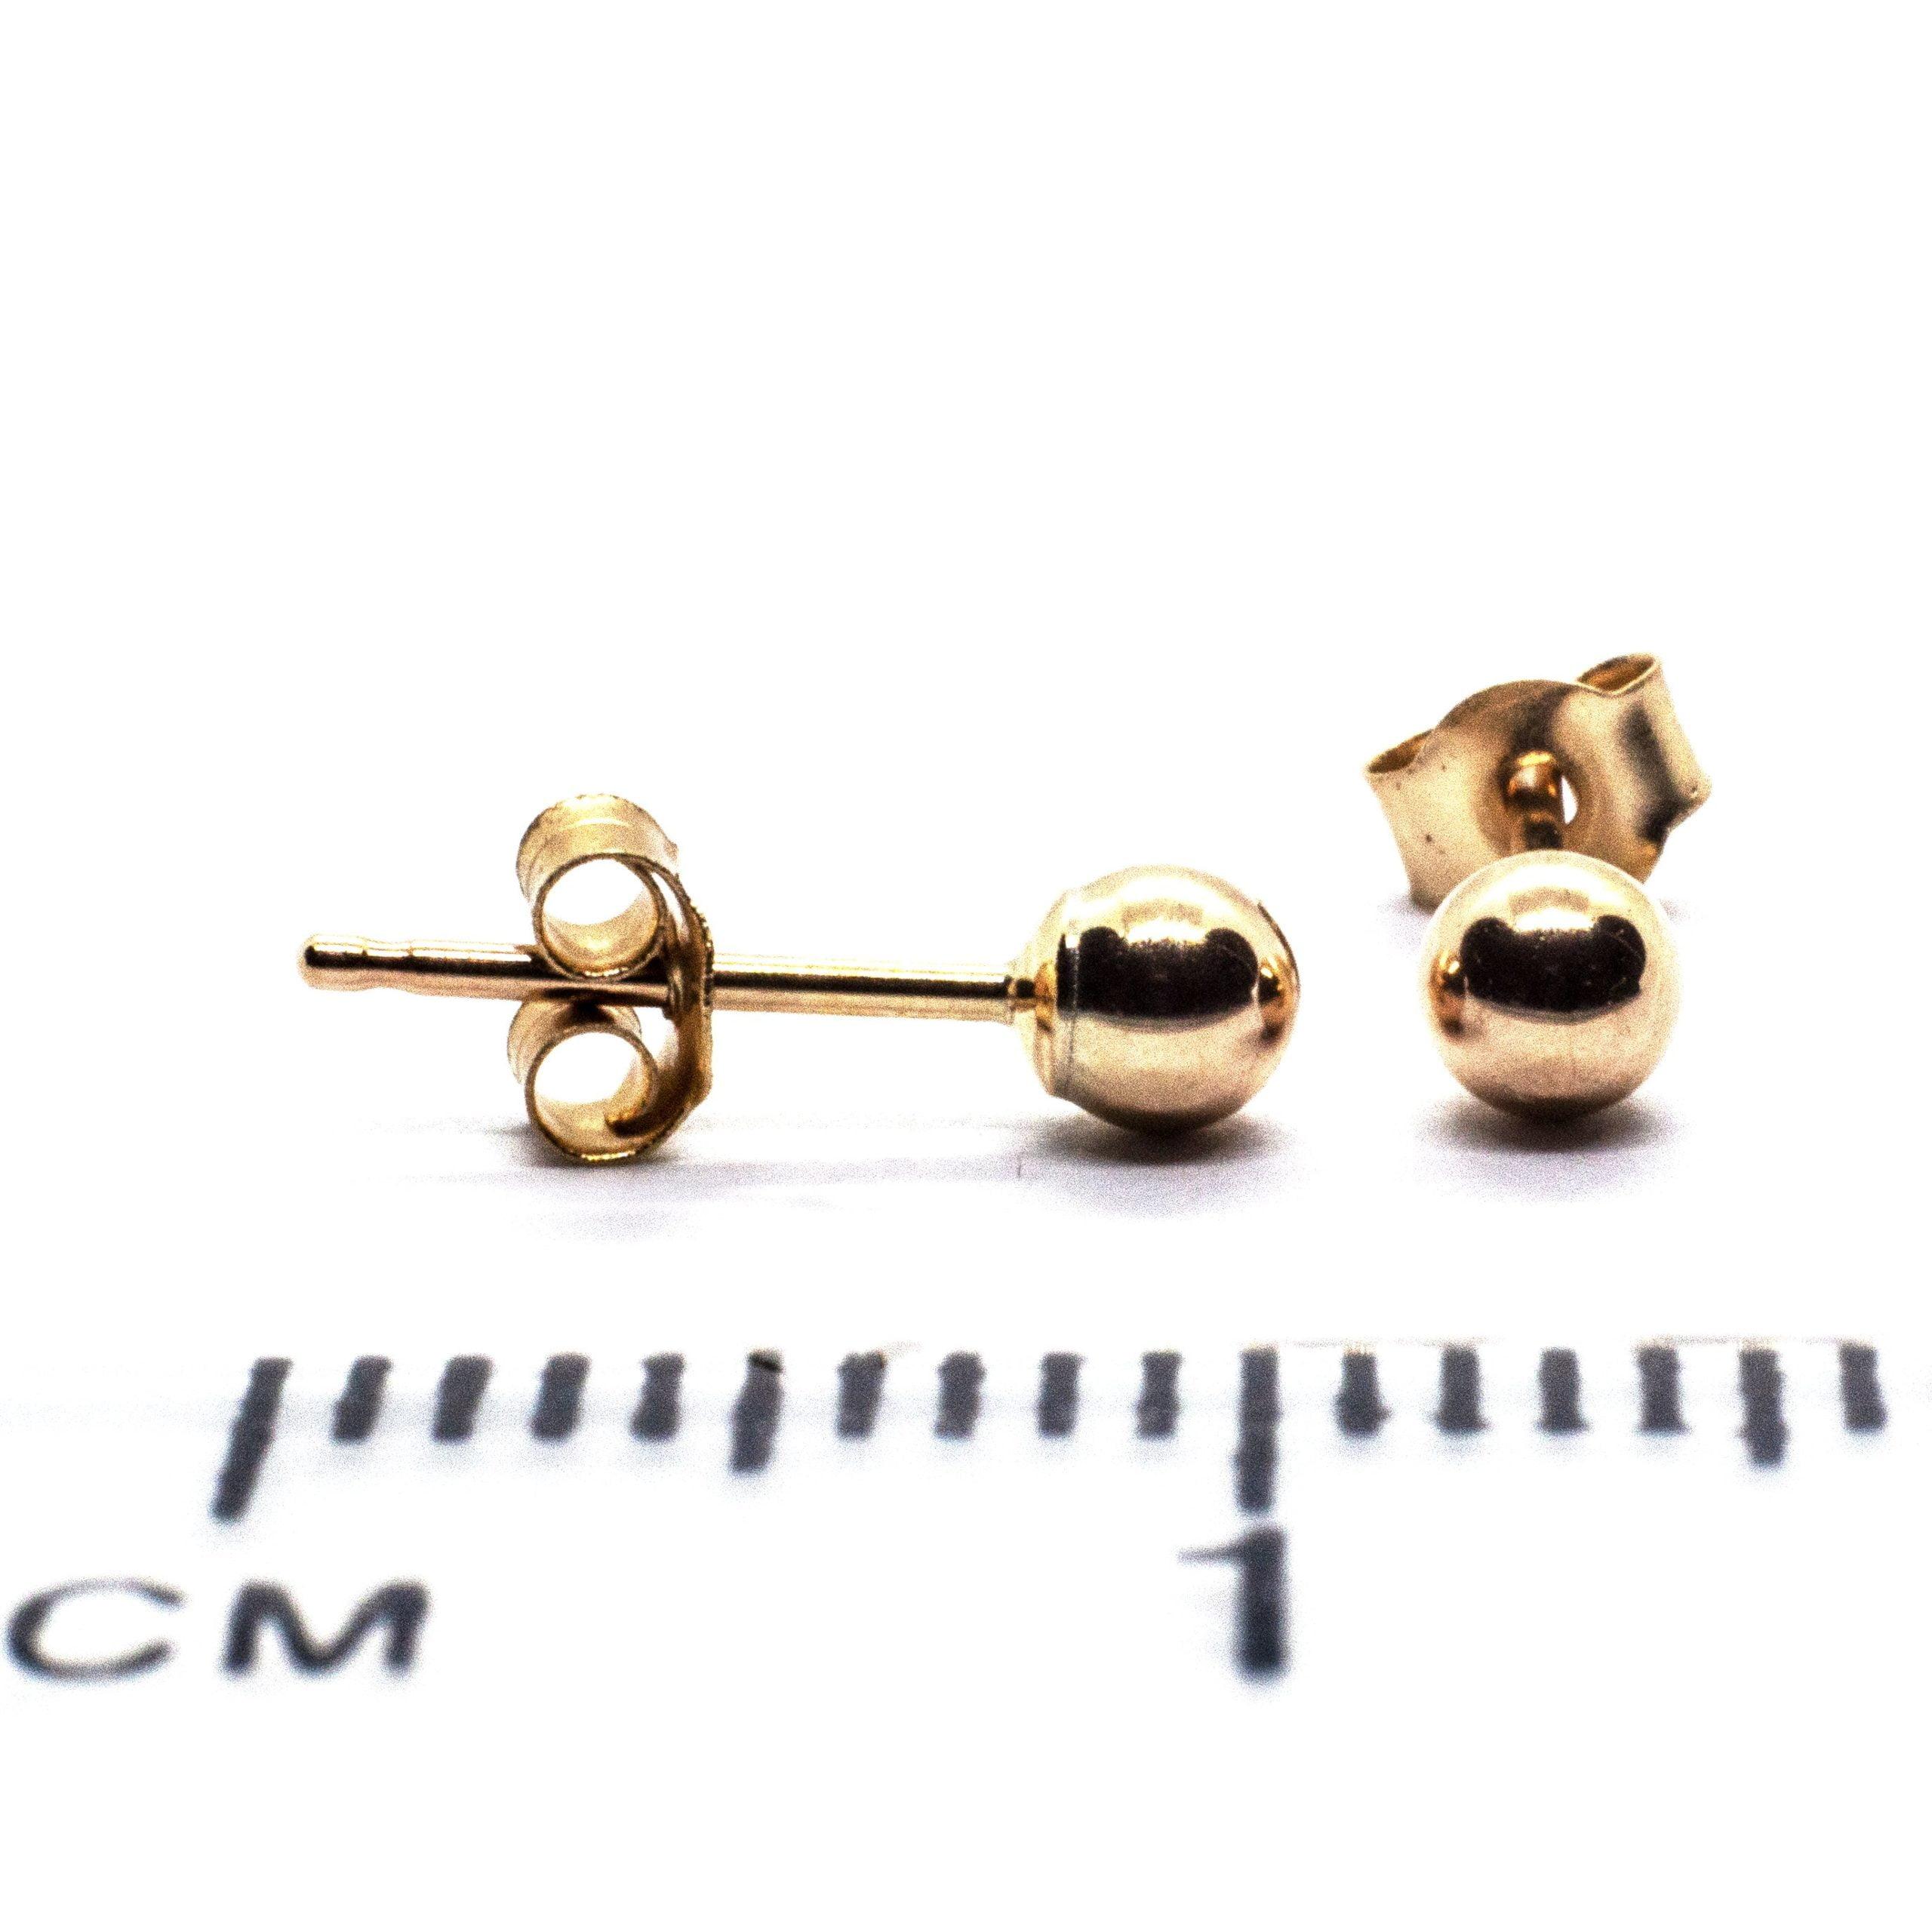 3mm 9ct gold ball earrings ruler